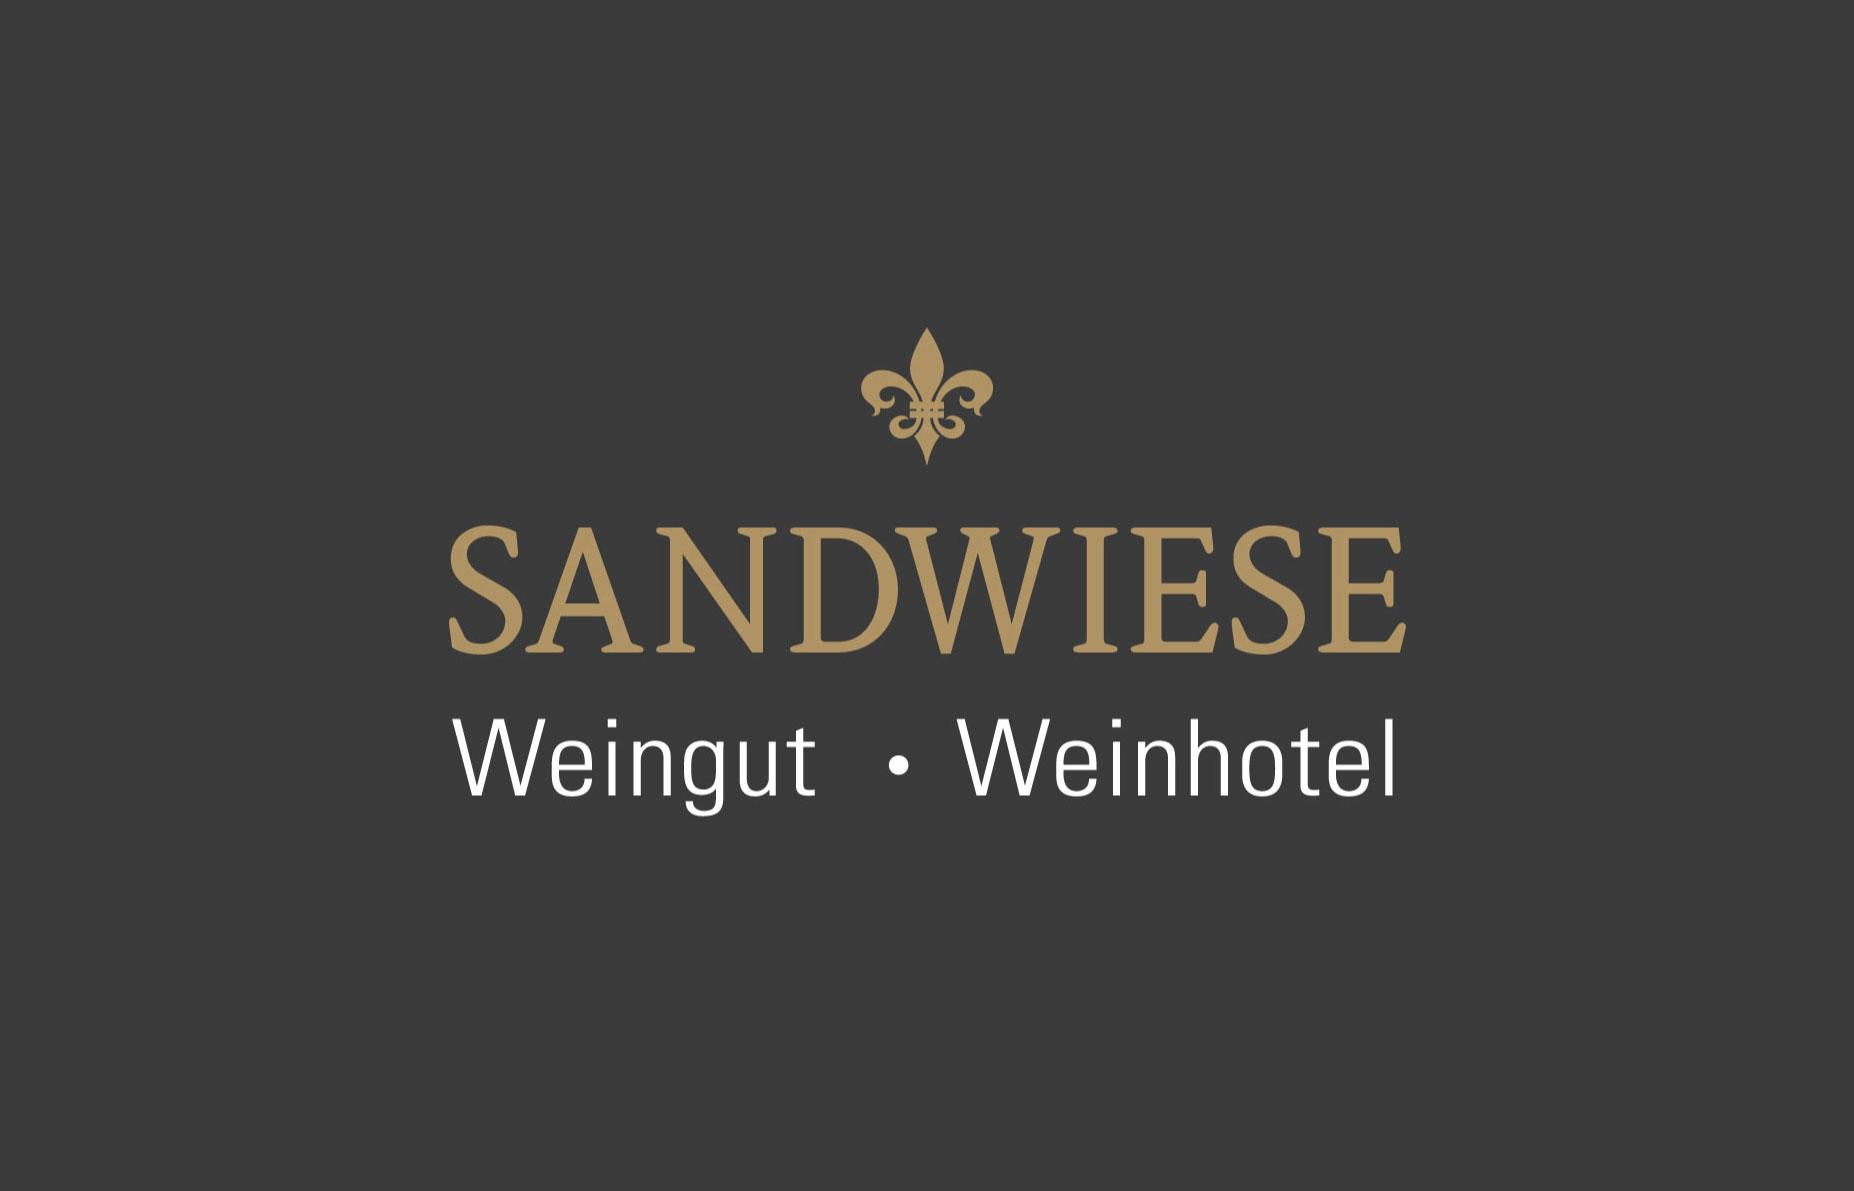 Weingut Sandwiese Weinhotel